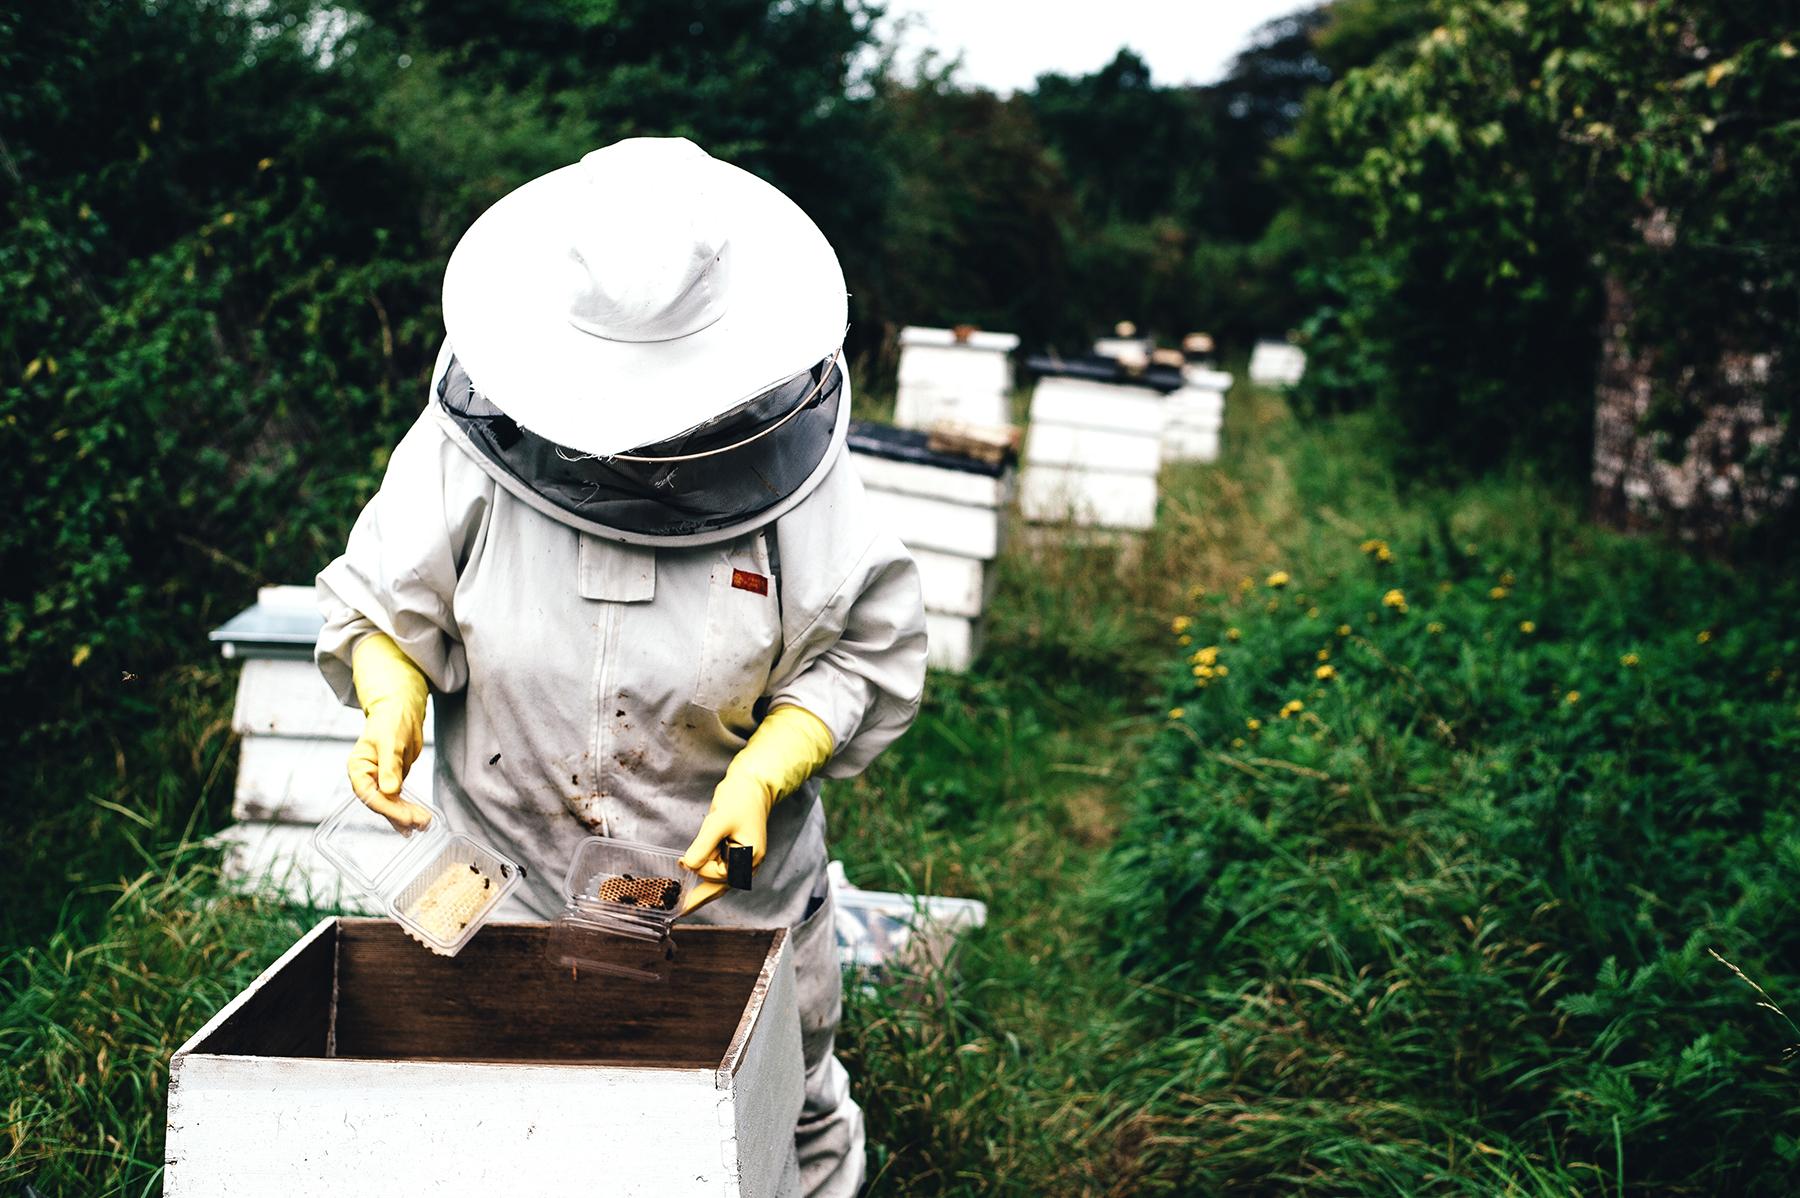 Eltham-Bees-Beekeeper.jpg